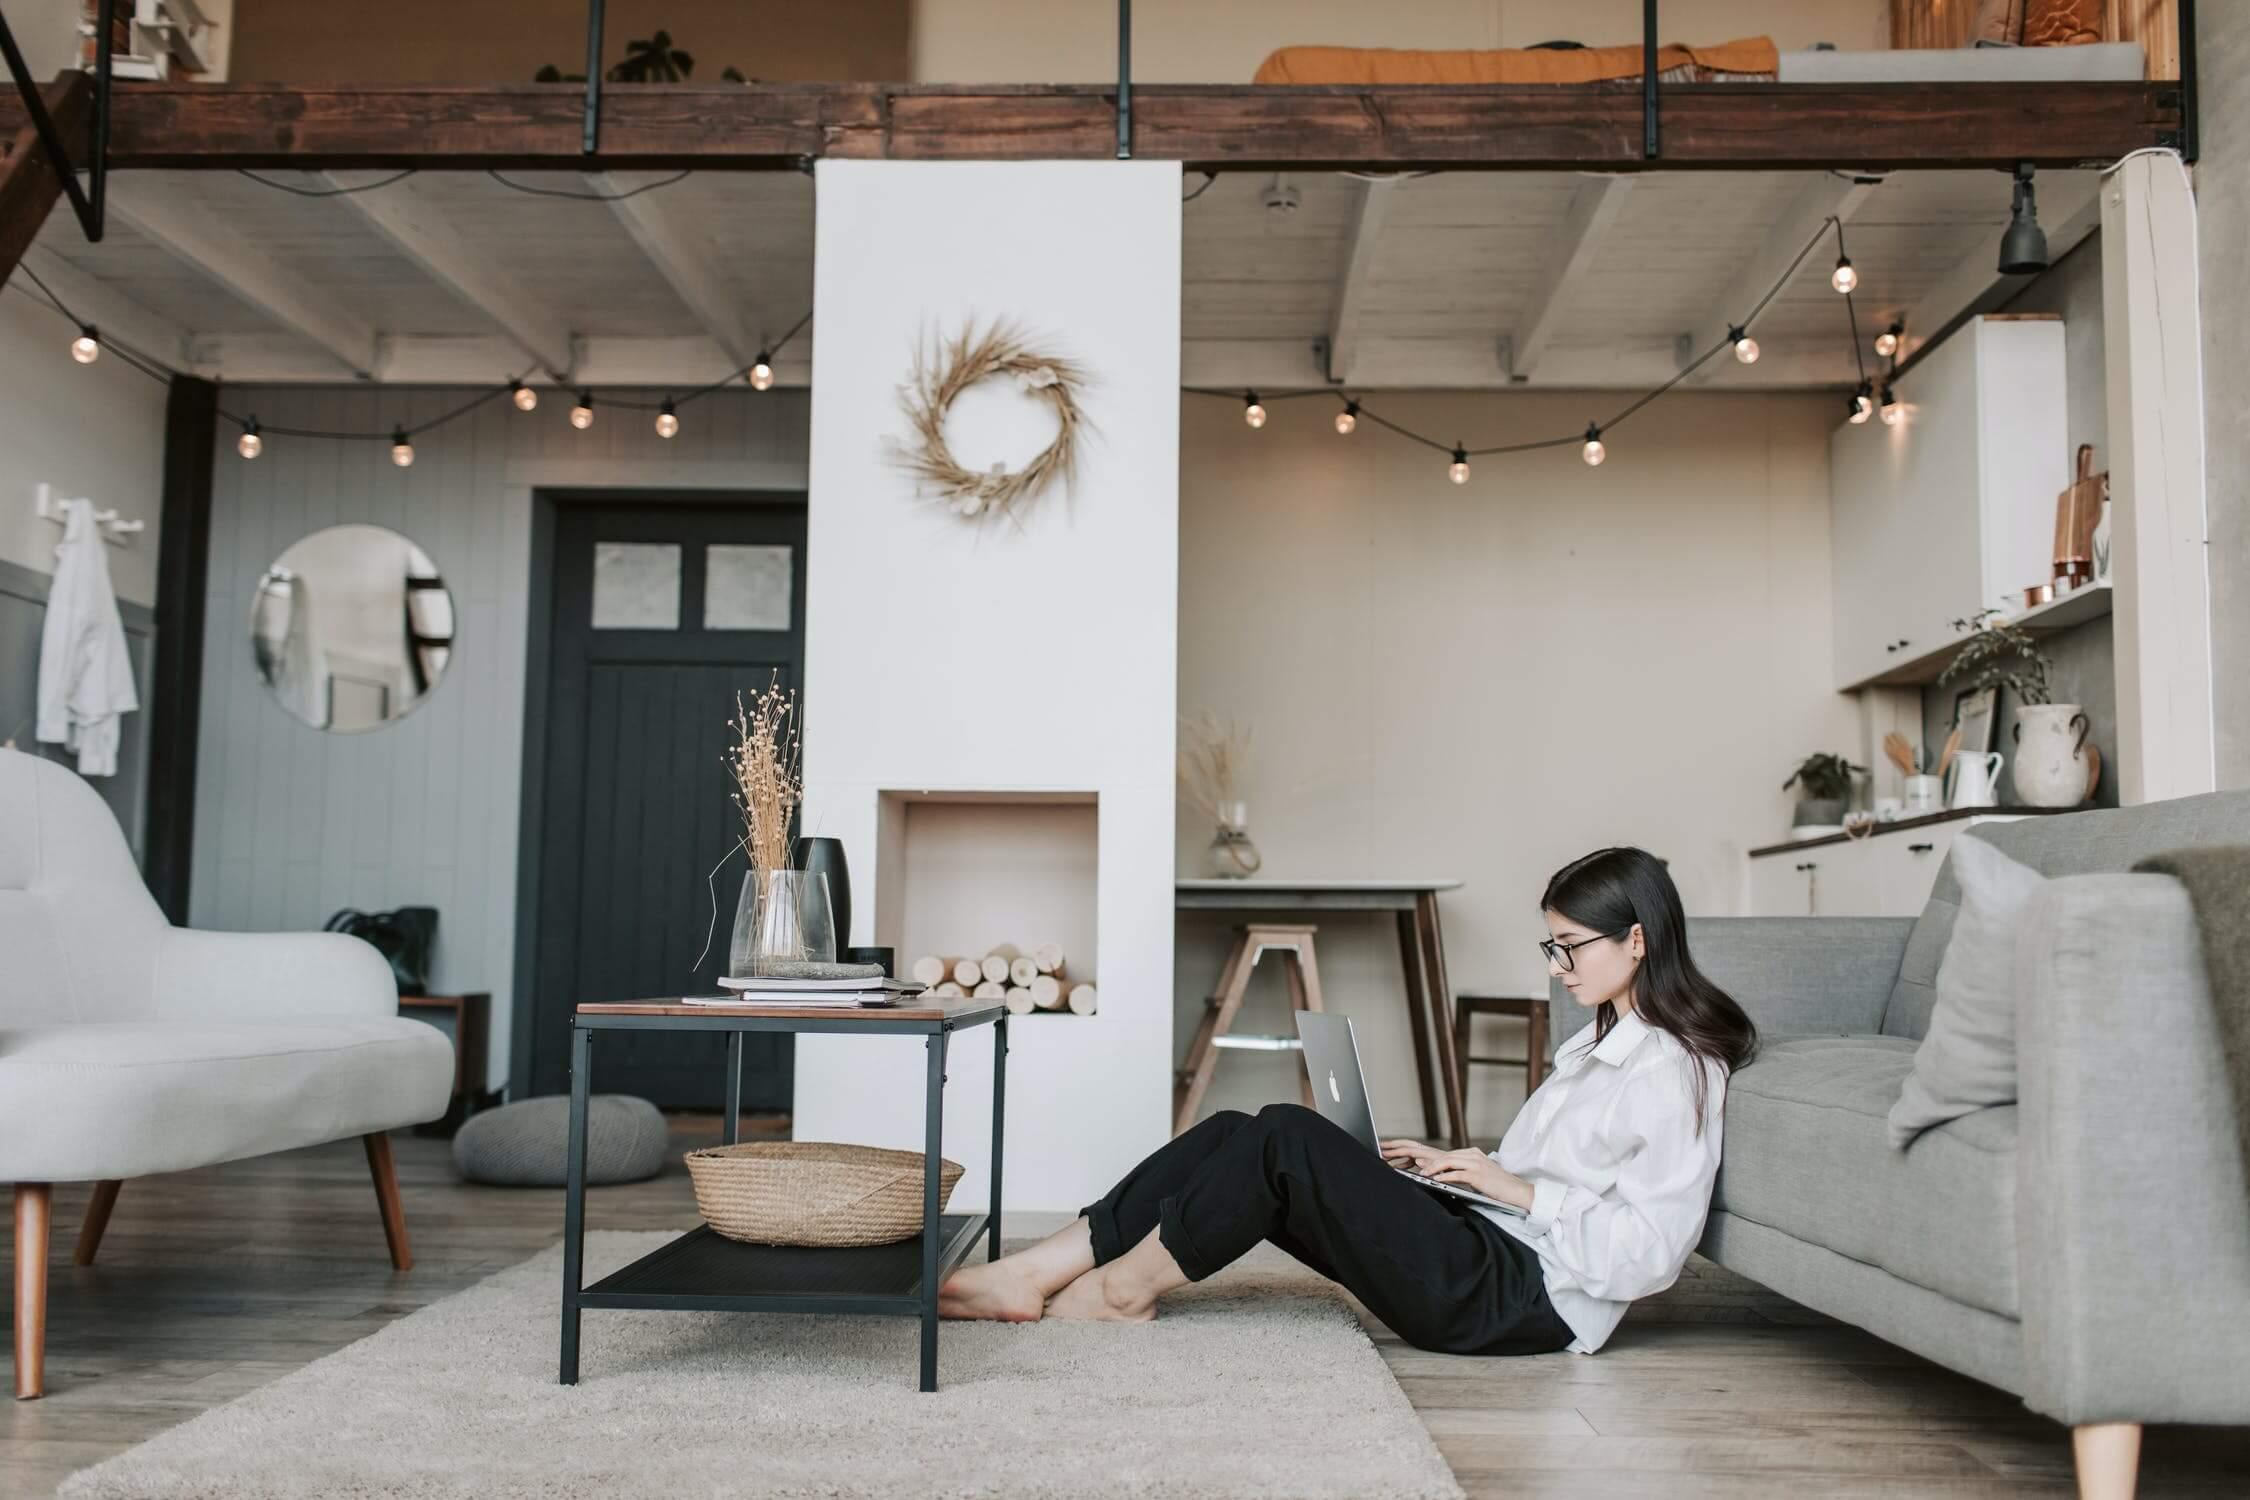 7 Tendencias de interior impulsadas por el Covid19 y el confinamiento, nueva forma de sentir y estar en nuestro hogar #AnaUtrillainteriorimsoonline #Diseñoparaelbienestar